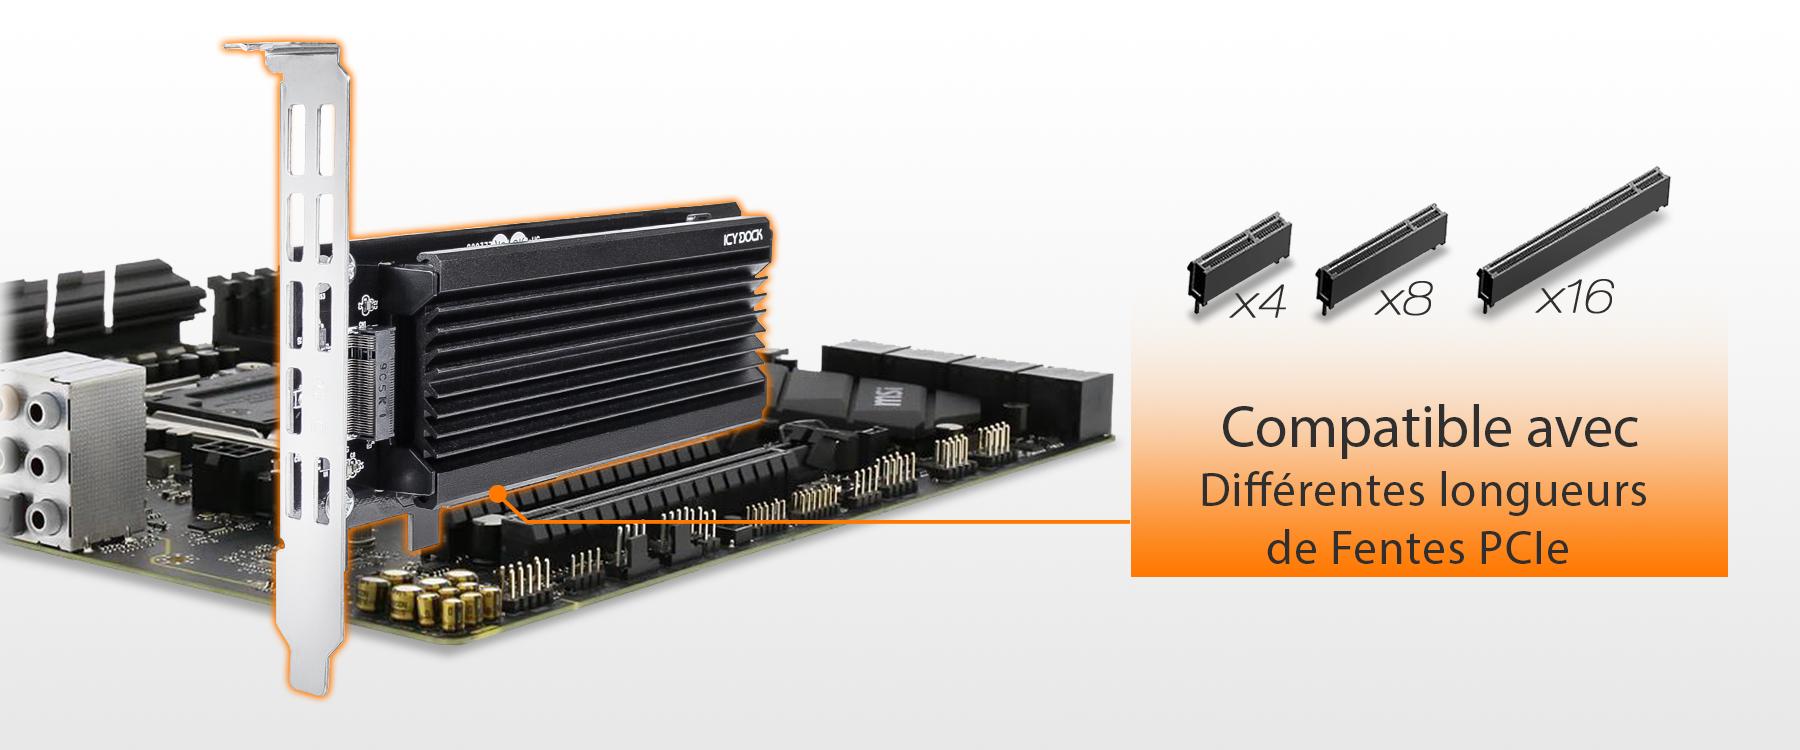 photo des différentes longueurs de fentes PCIe compatibles avec le MB987M2P-1B (x4, x8, x16)